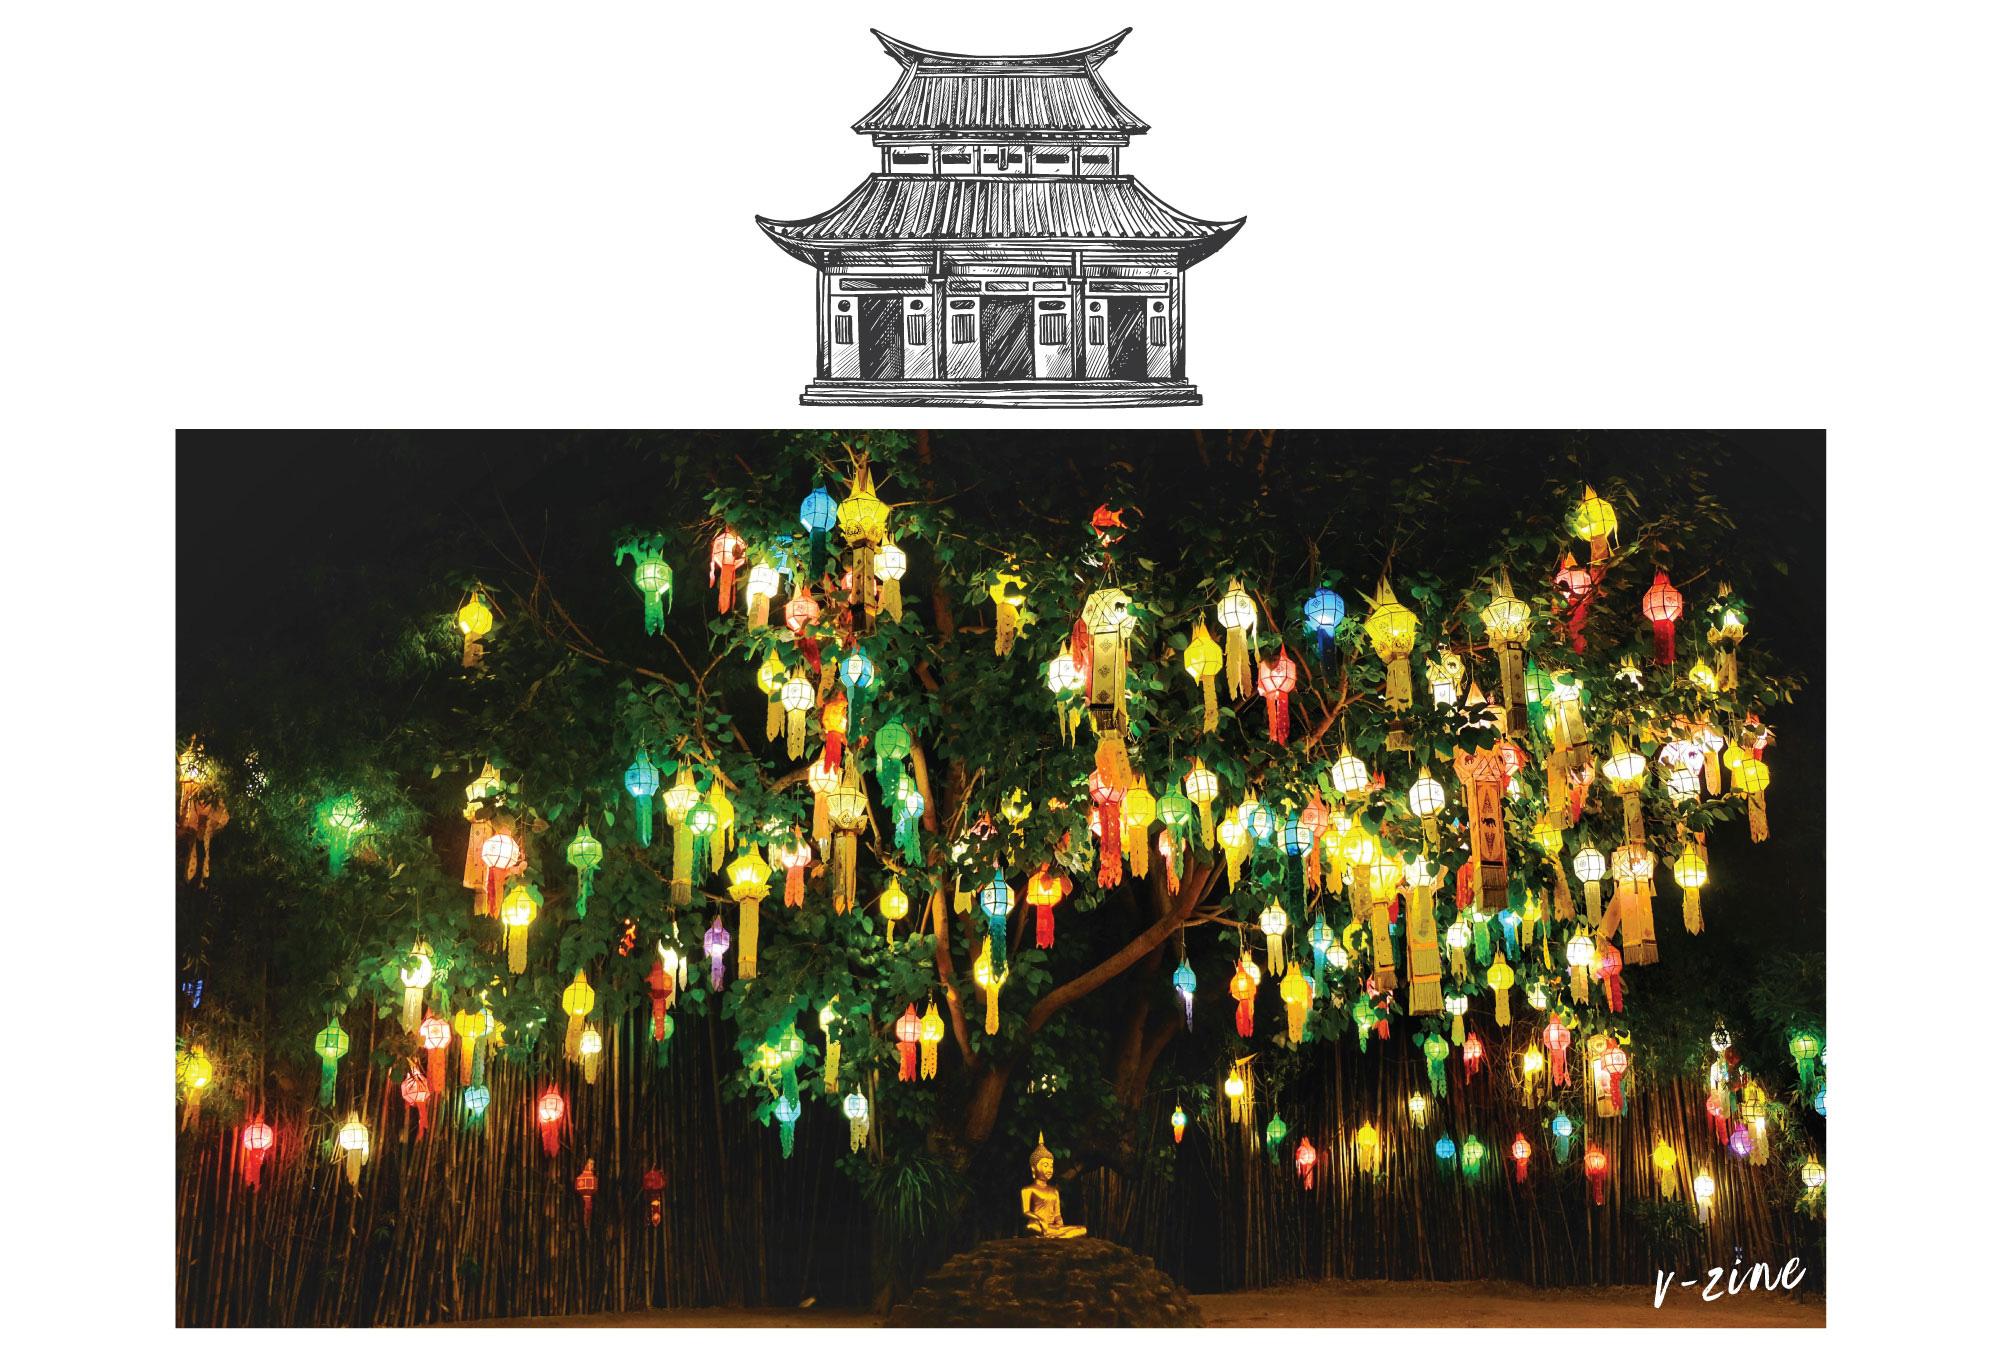 Ngoài lễ hội đèn trời, Chiang Mai còn có gì hấp dẫn du khách? - Ảnh 19.